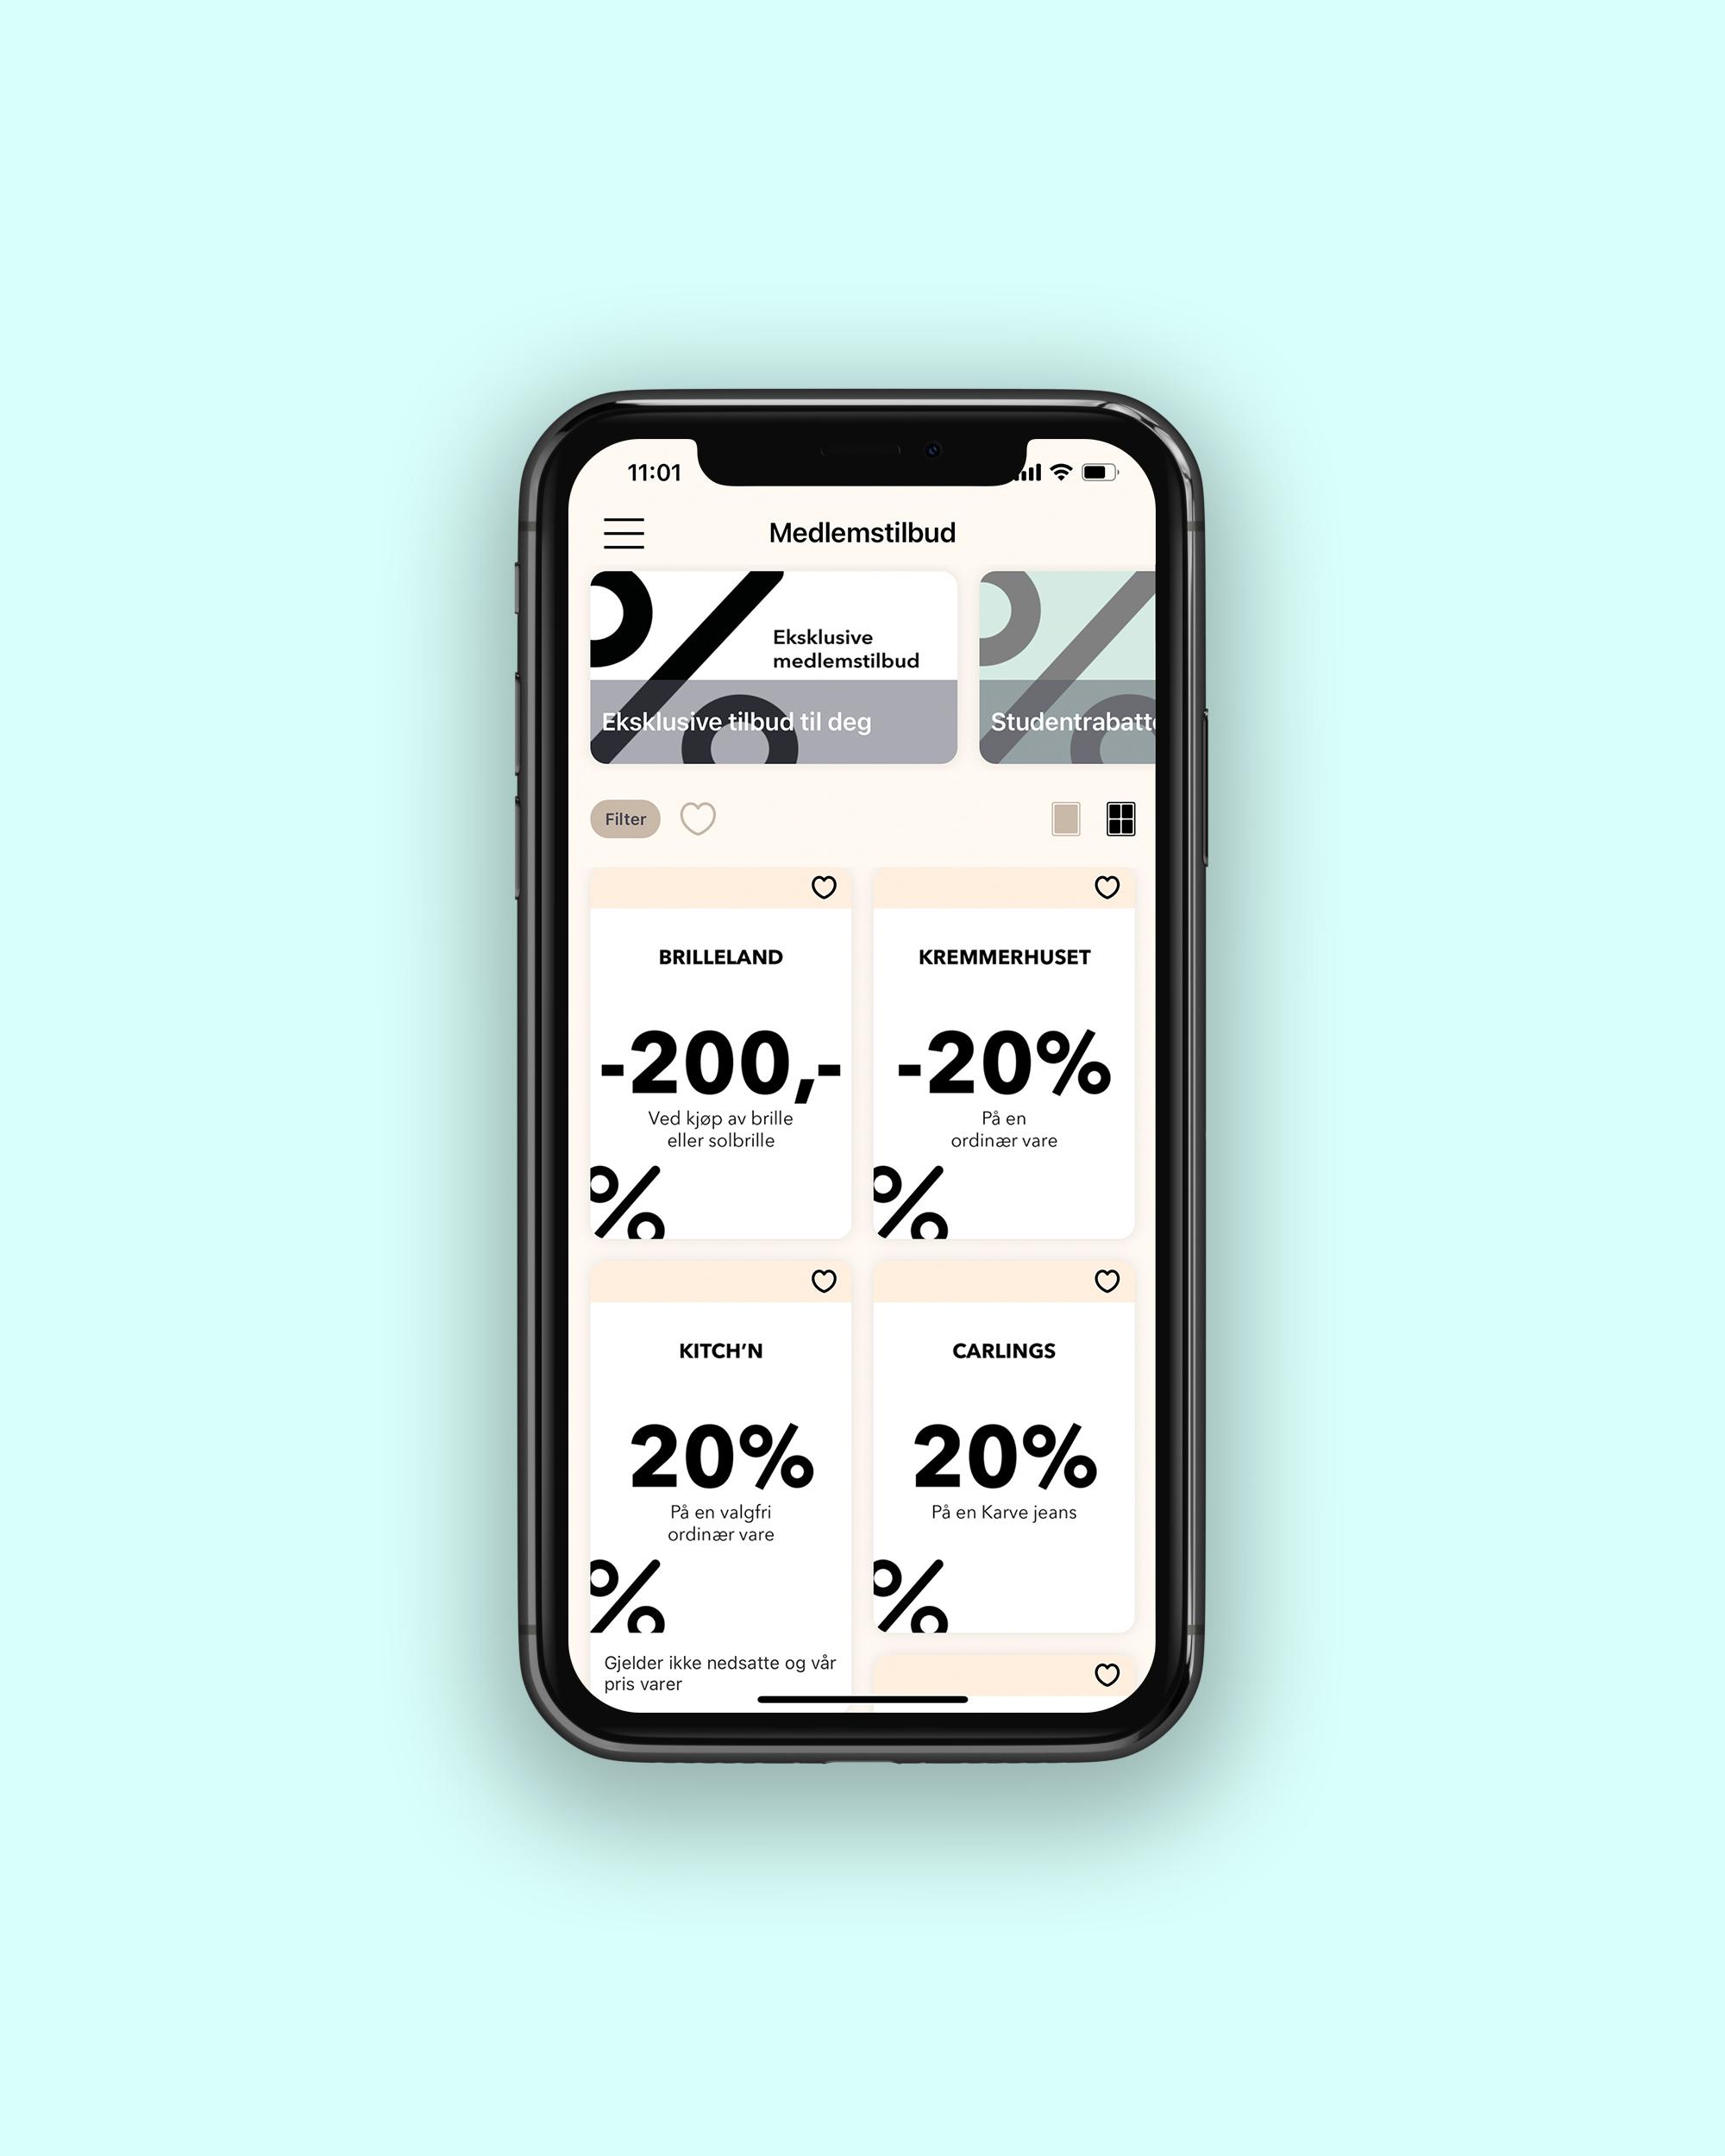 CC Gjøvik kundeklubb app, kuponger